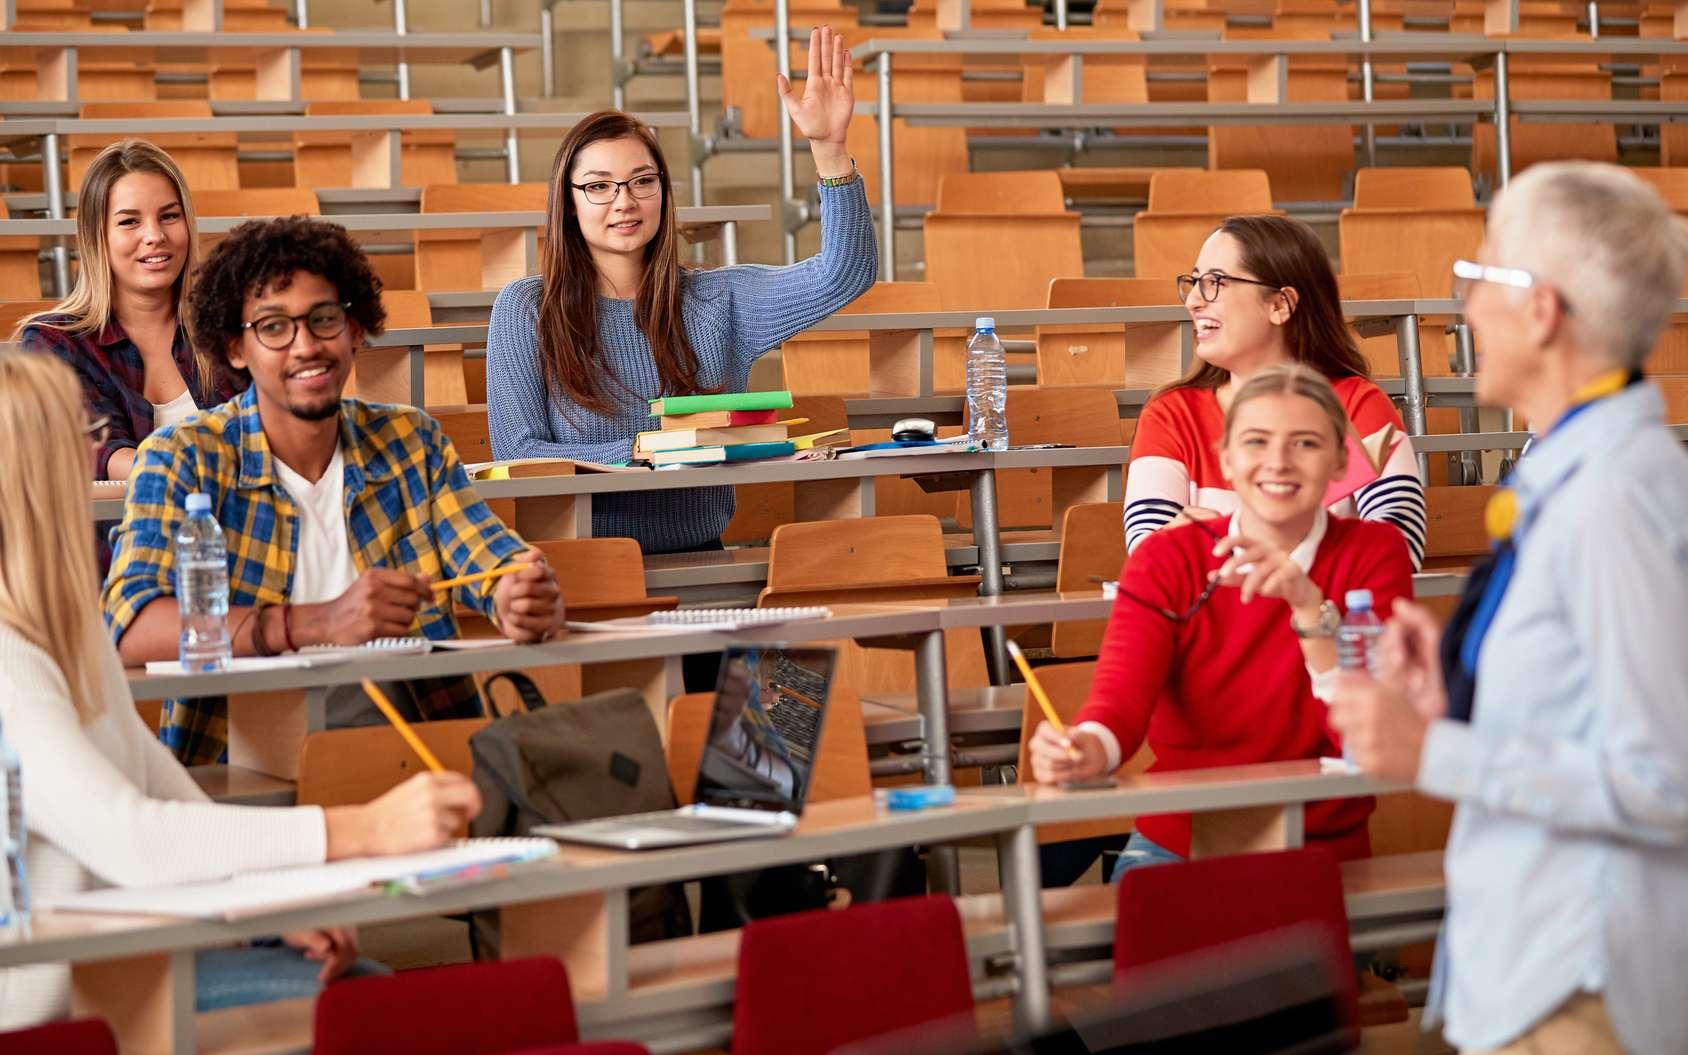 L'enseignant-chercheur intervient dans l'enseignement supérieur en assurant environ 128 heures de cours magistraux par an. © luckybusiness, Fotolia.